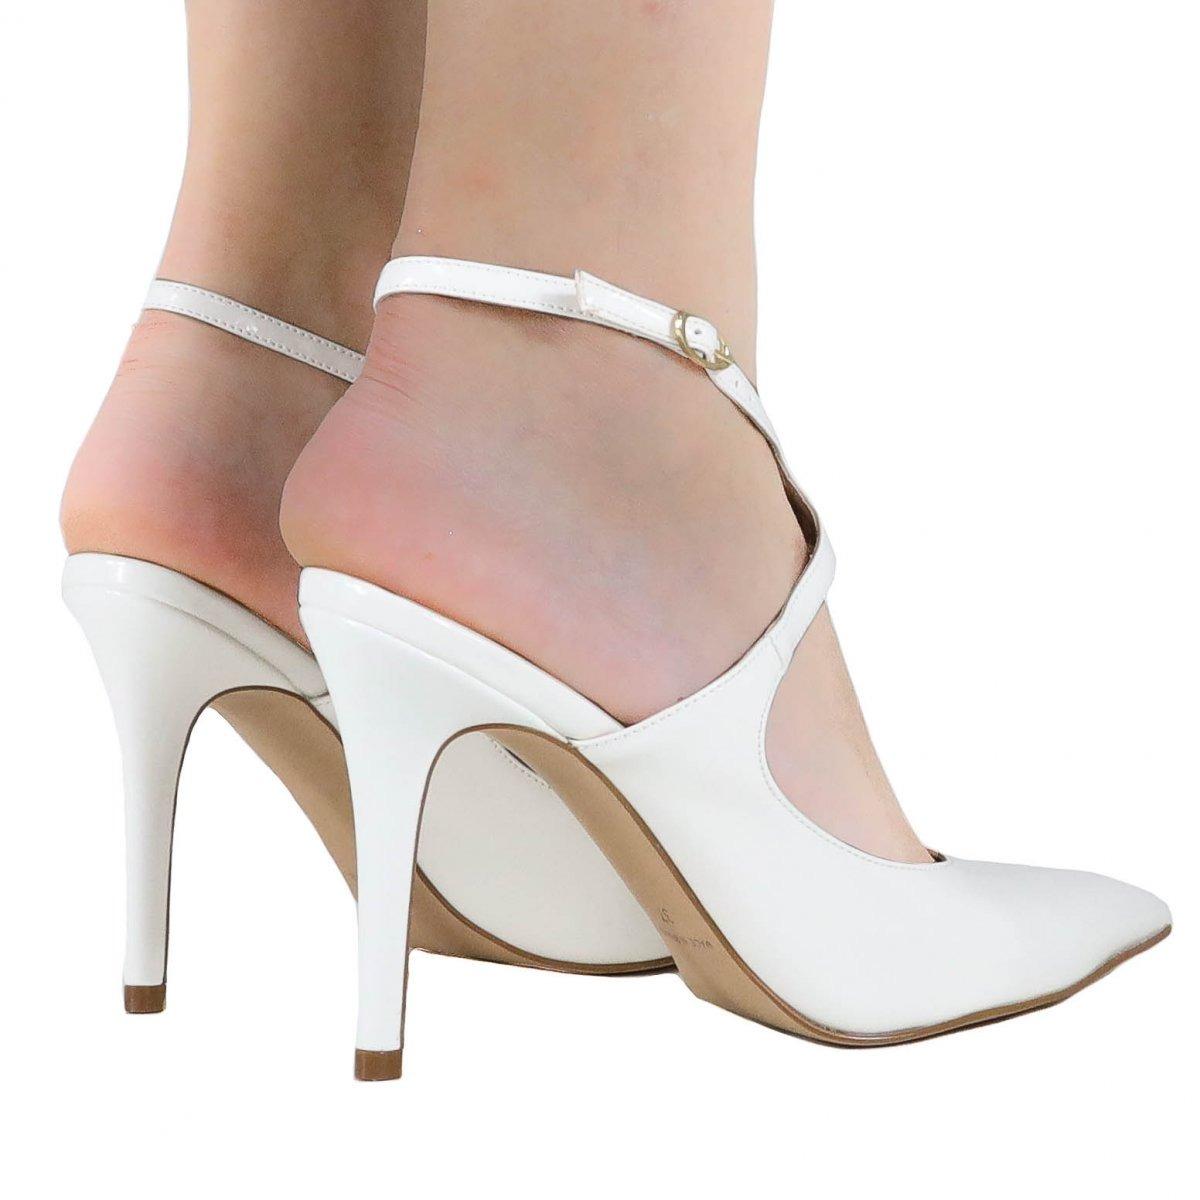 60875cfbc5 sapato de noivas zariff shoes salto alto branco 1041022. Carregando zoom.